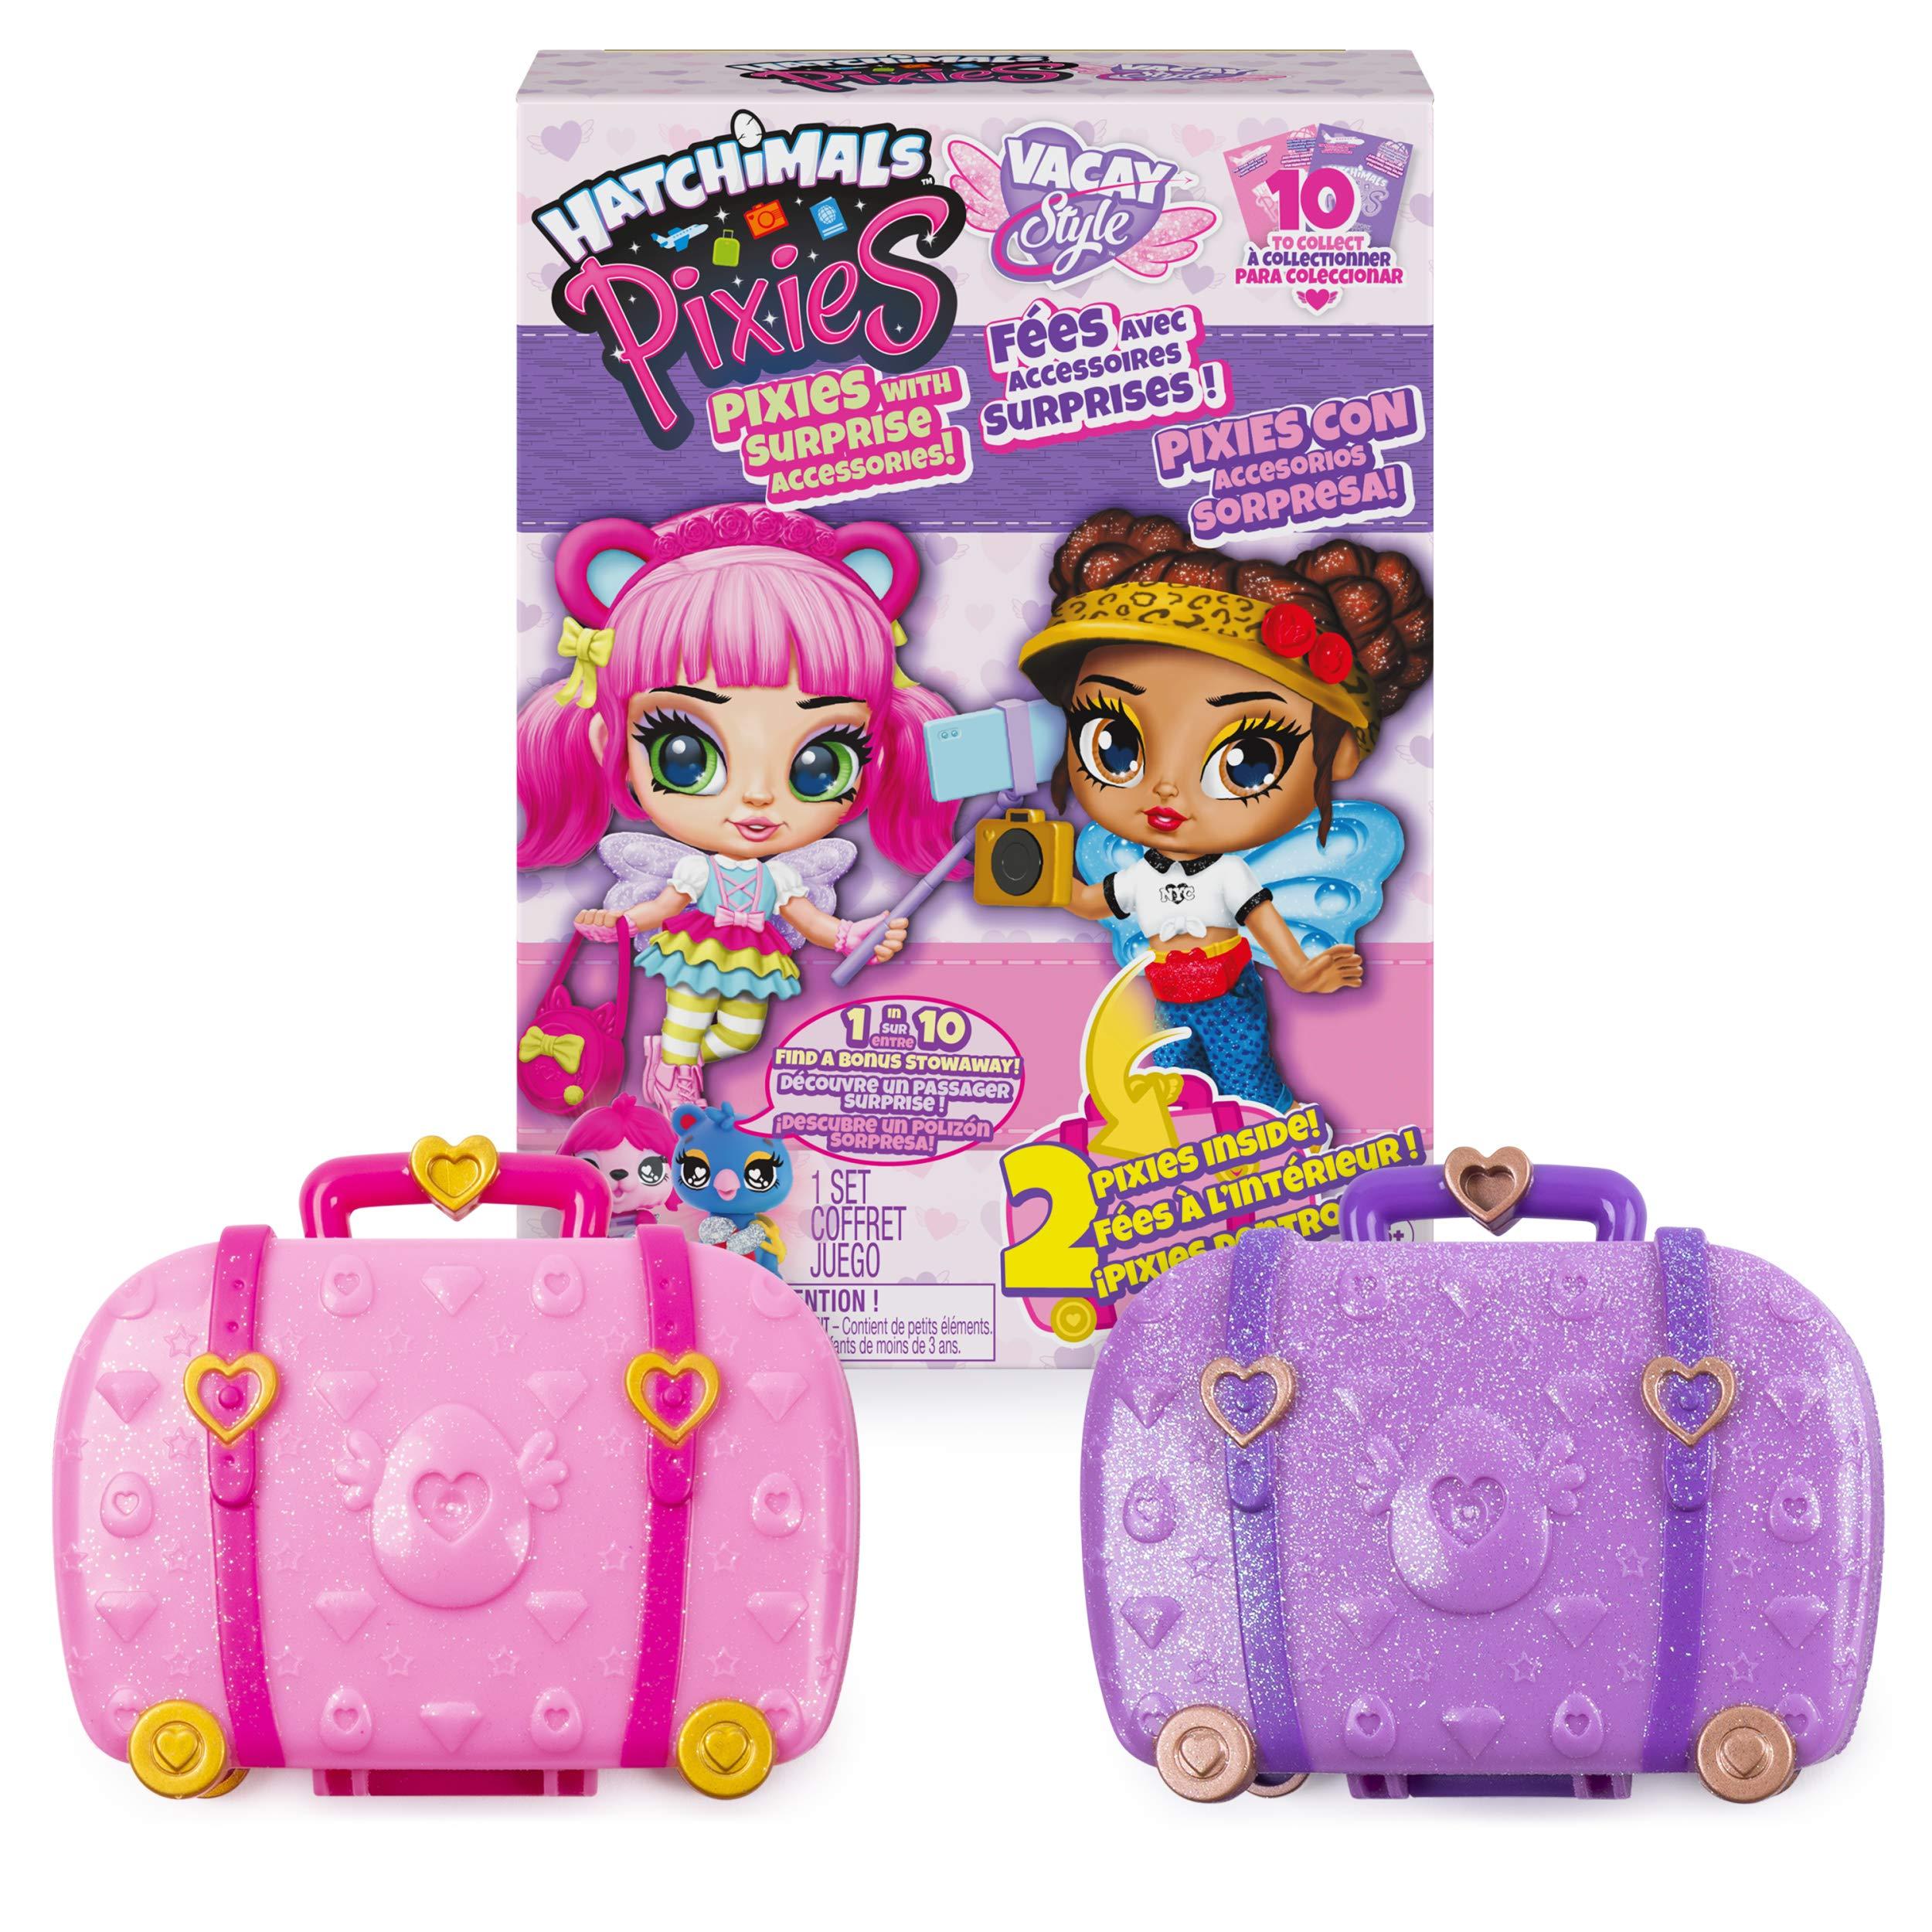 해치멀 픽시 2팩 Hatchimals Pixies 2-Pack, Vacay Style 25-Inch Surprise Collectible Dolls and Accessories (Styles May Vary)